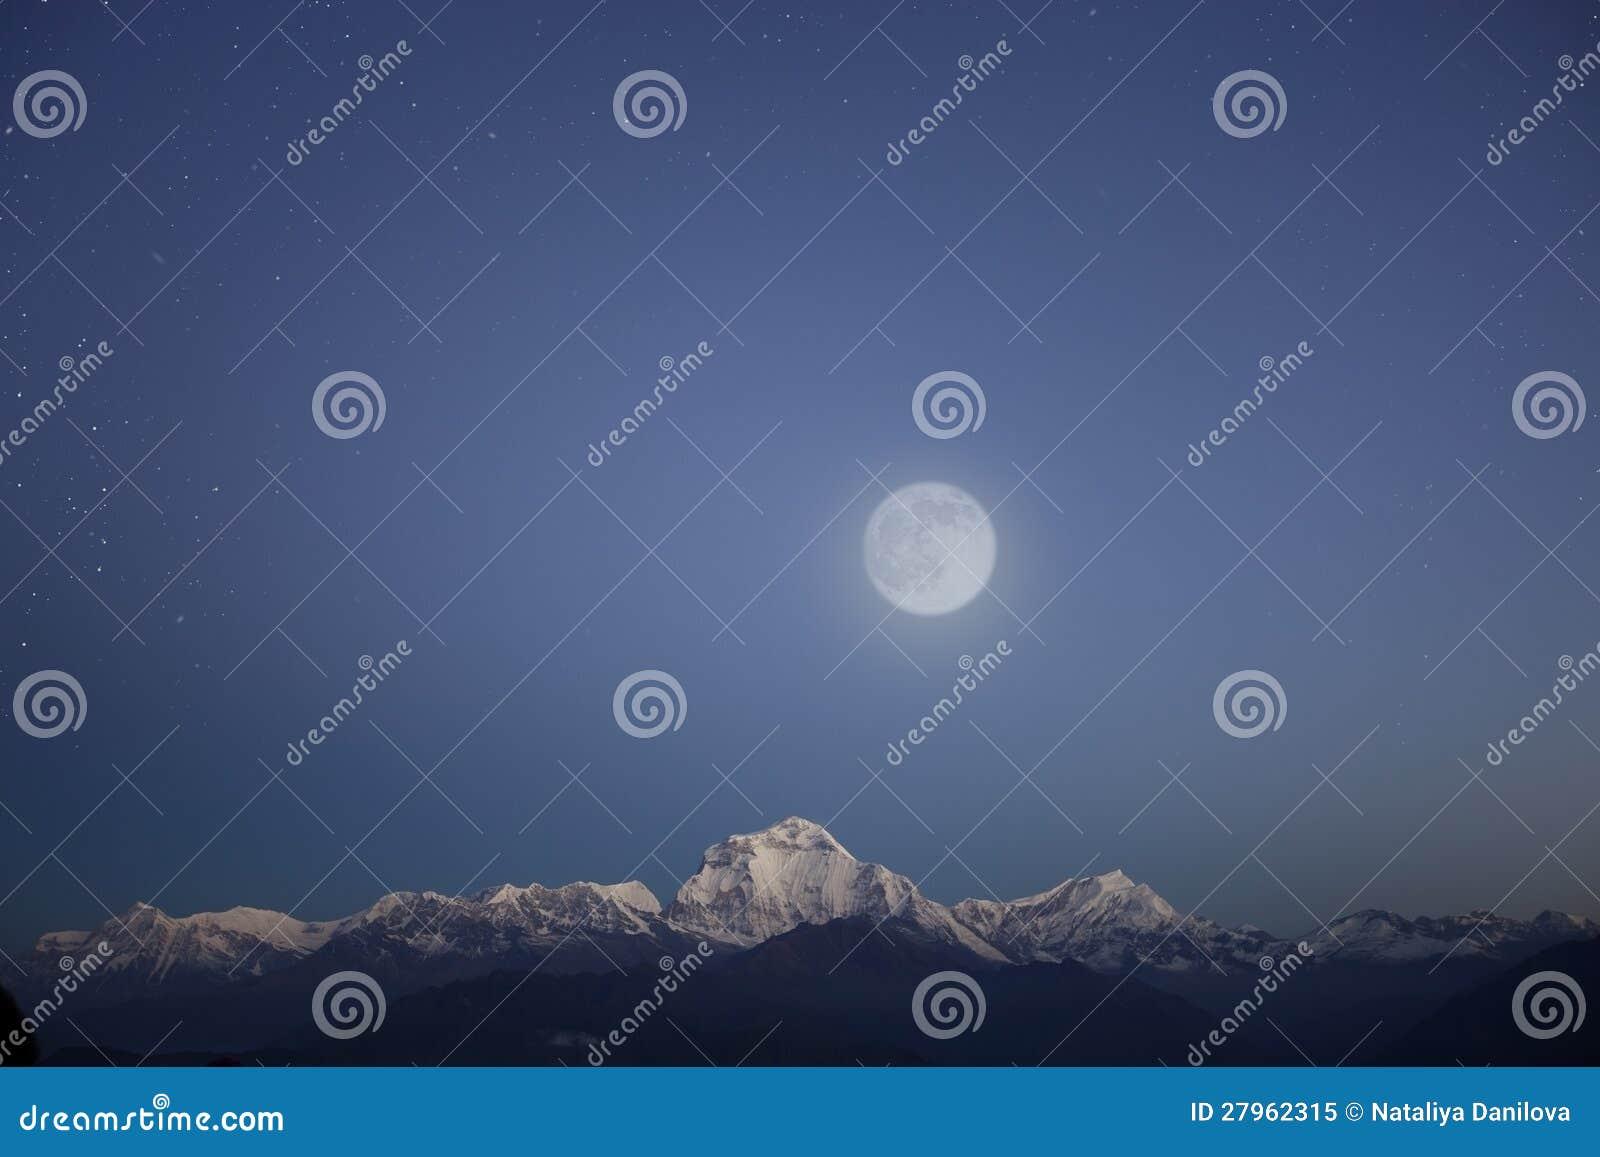 Snow mountain range under stars sky